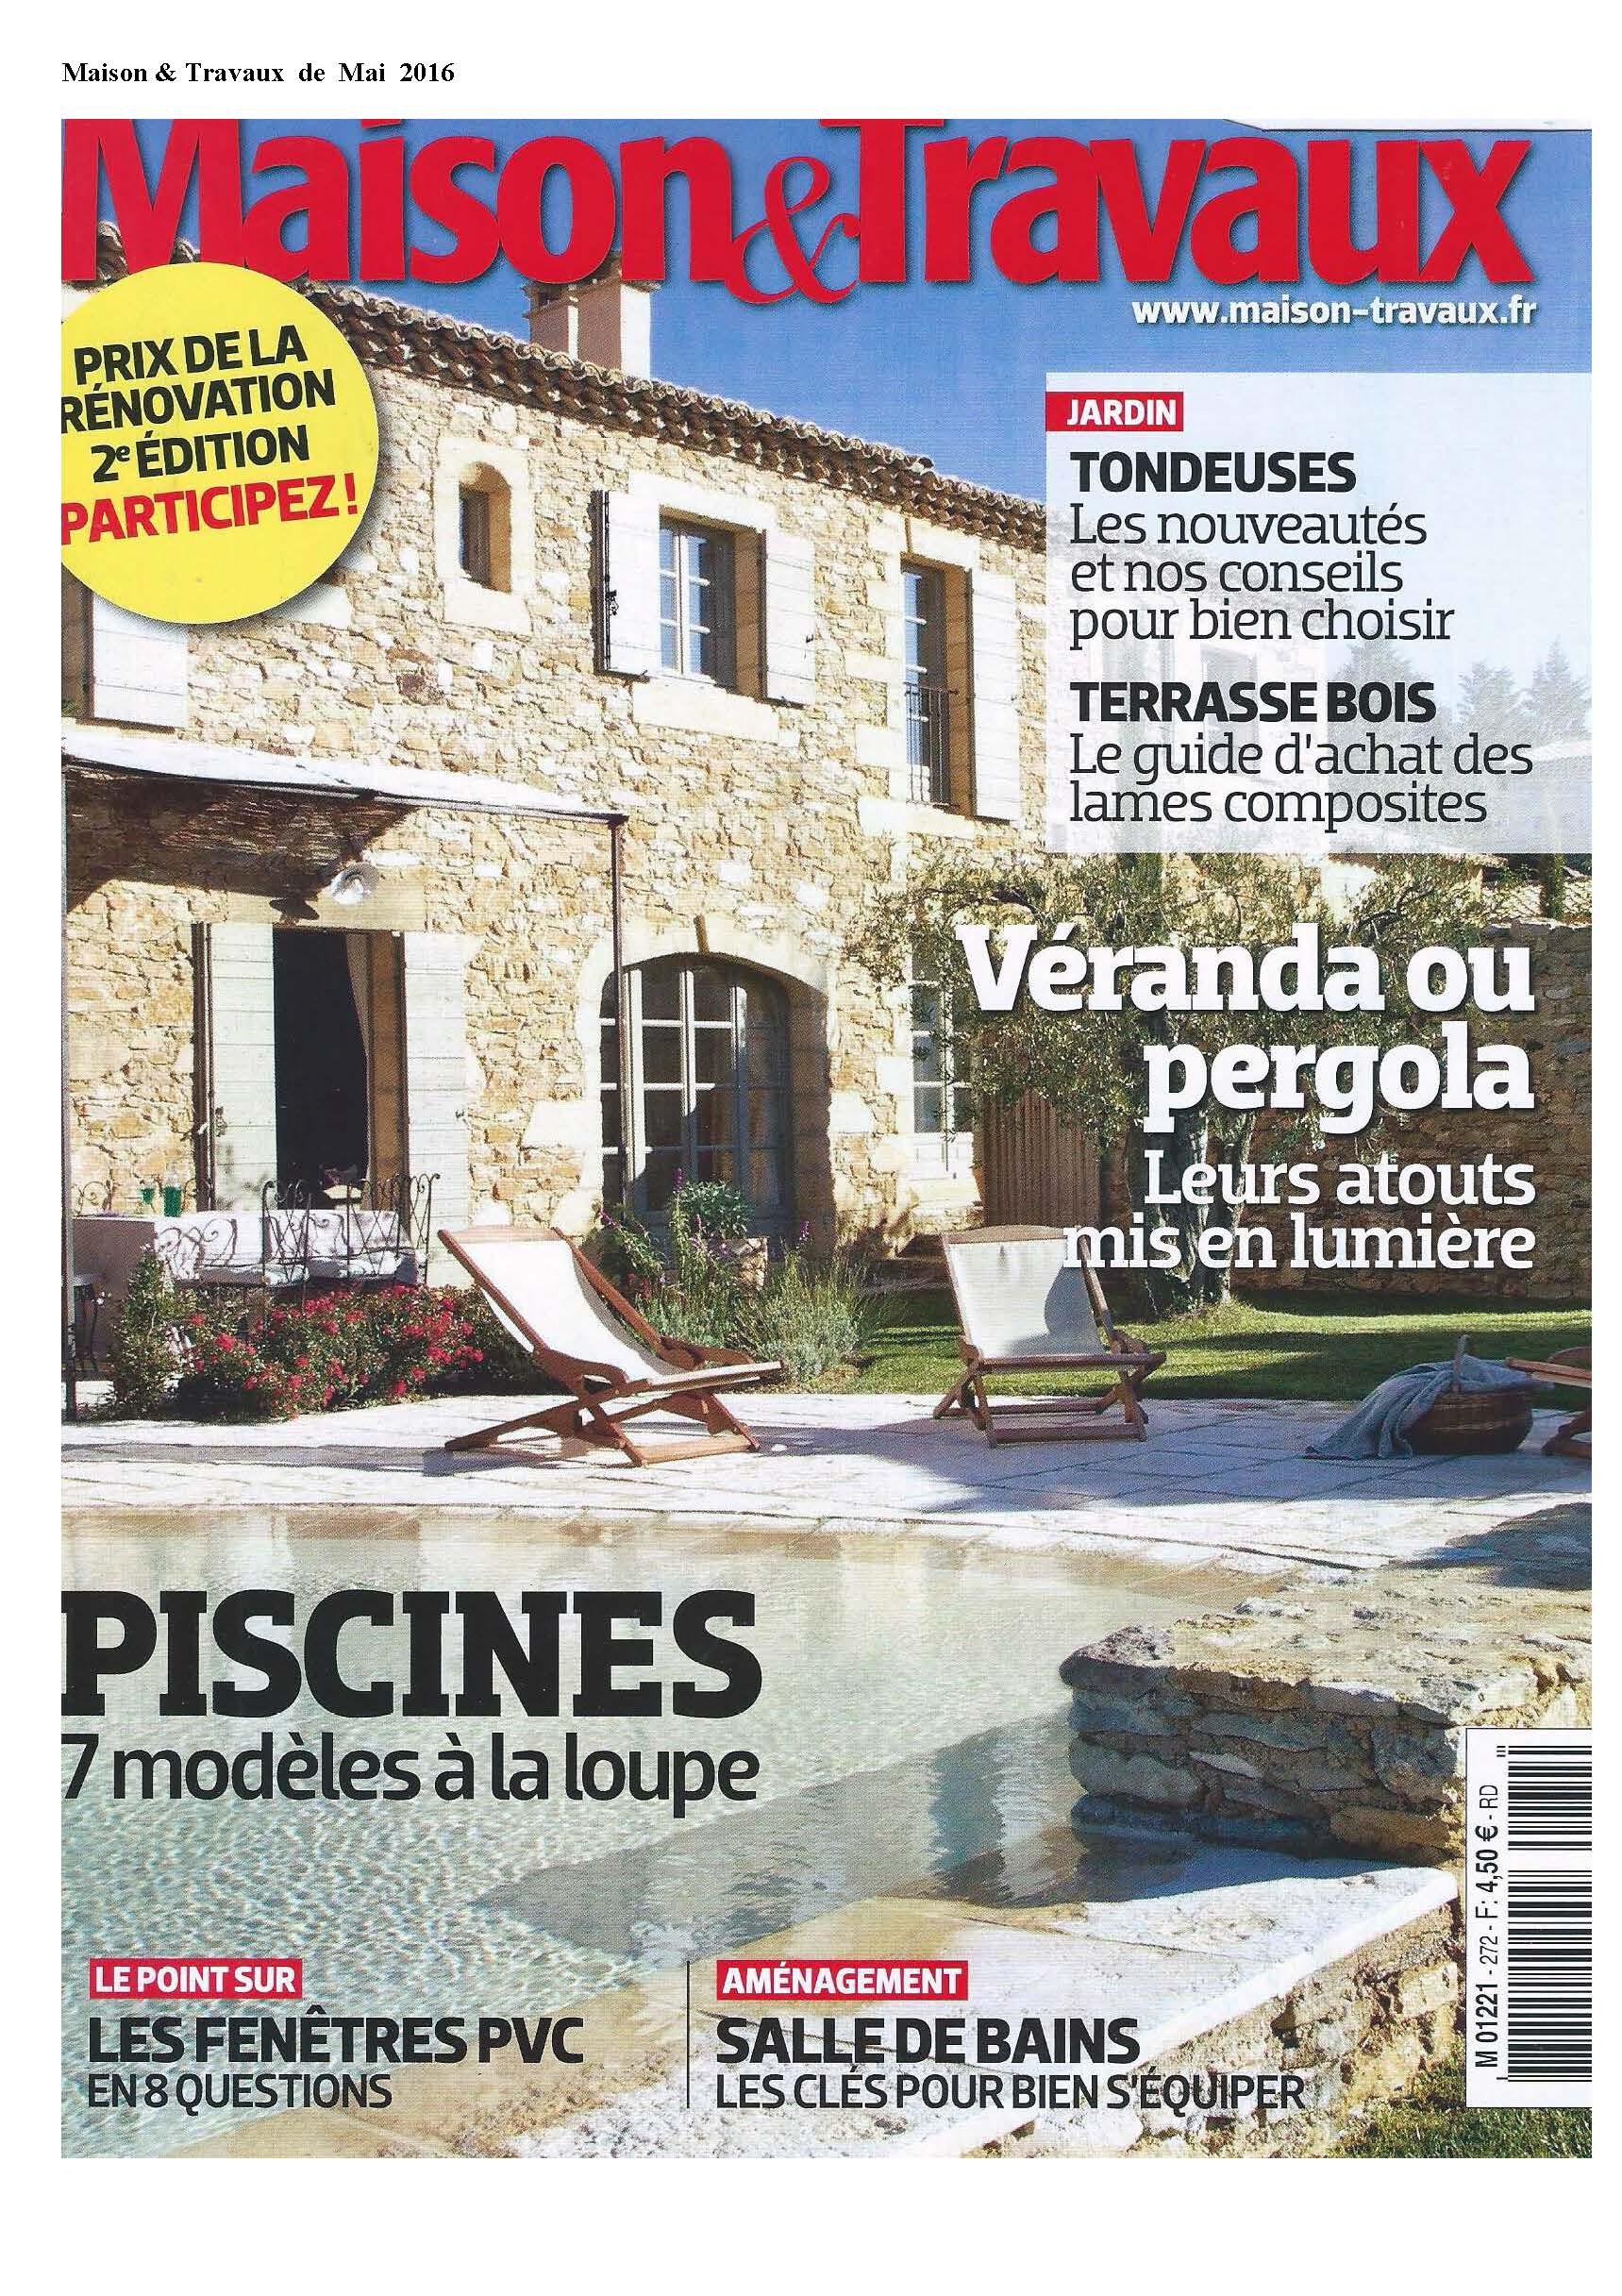 PIB en el periódico Maison & Travaux Mayo 2016